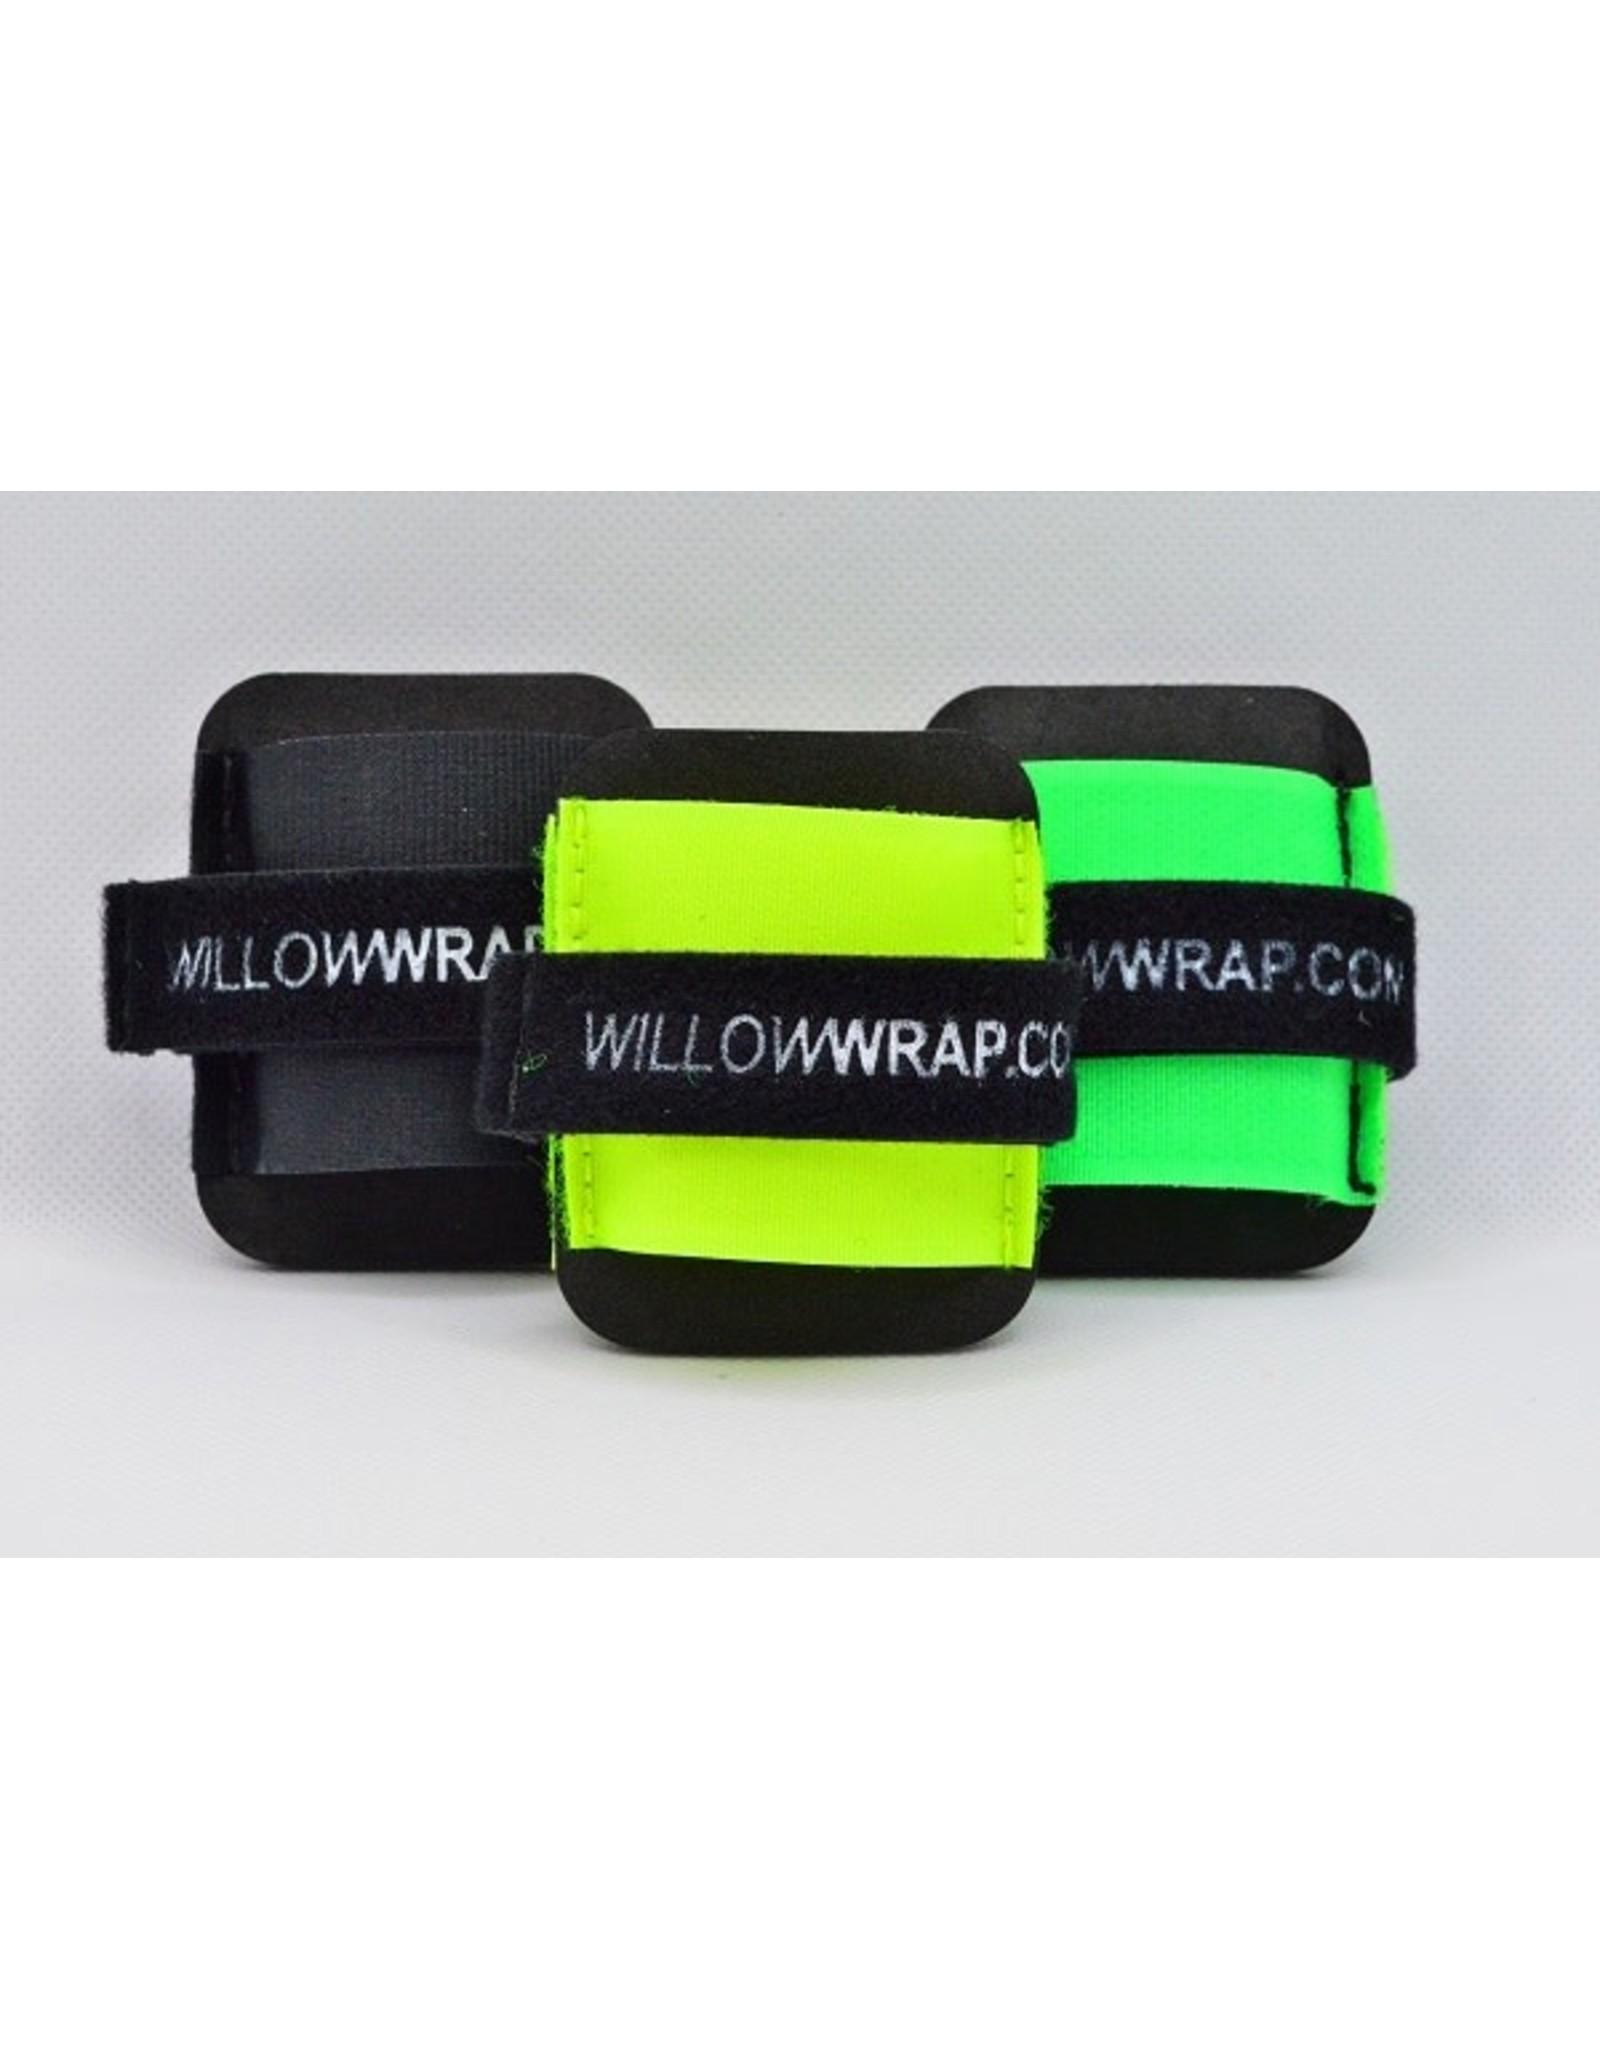 Willow Wrap Willow Wrap standard ski tie